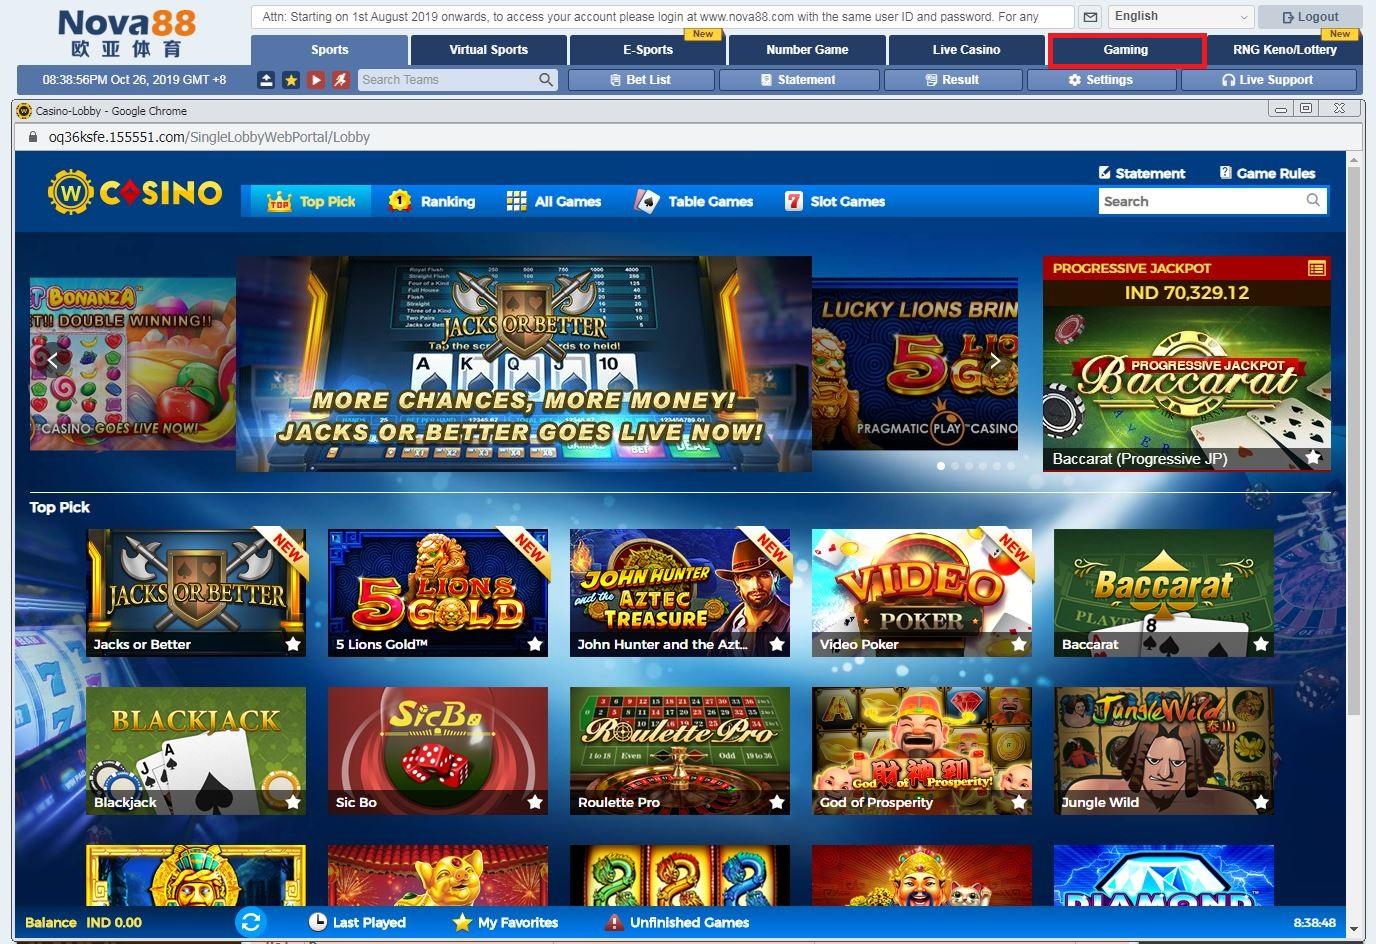 Daftar Permainan Slot Di Situs Nova88